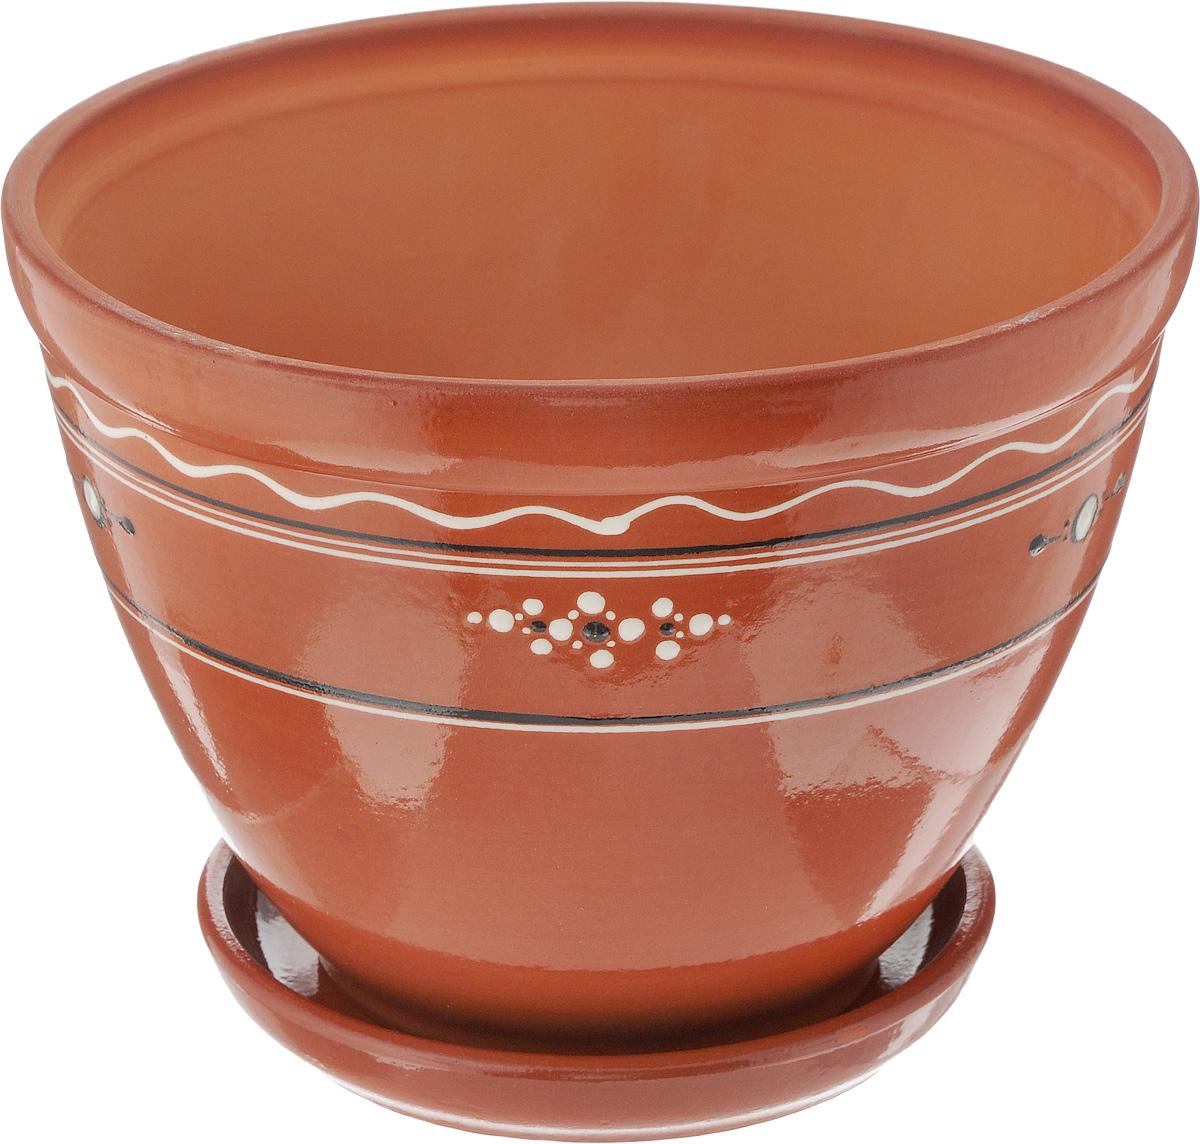 Горшок для цветов Ломоносовская керамика, с поддоном, 3,5 л531-326Горшок Ломоносовская керамика изготовлен из высококачественной керамики и оснащен поддоном для стока воды. Внешние стенки изделия покрыты глазурью и оформлены оригинальным рисунком. Изделие прекрасно подойдет для выращивания растений дома и на приусадебных участках.Диаметр (по верхнему краю): 24 см.Высота (с поддоном): 18 см.Размер поддона: 17 х 17 х 3 см.